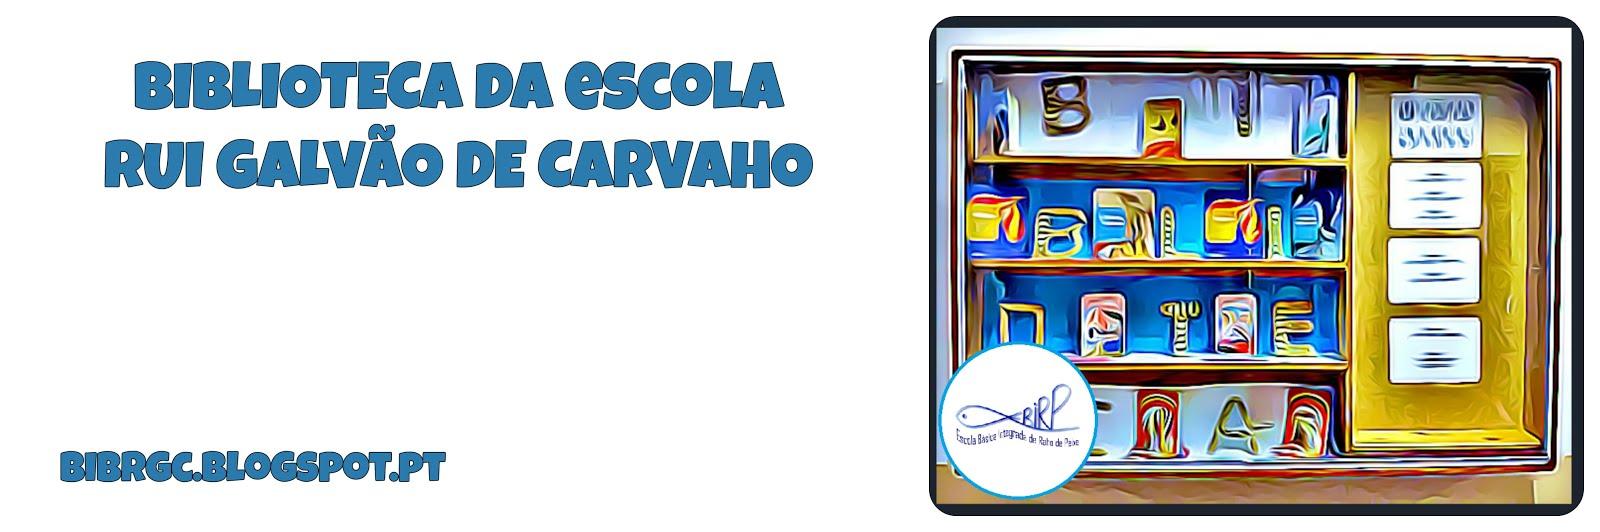 Biblioteca da Escola Rui Galvão de Carvalho